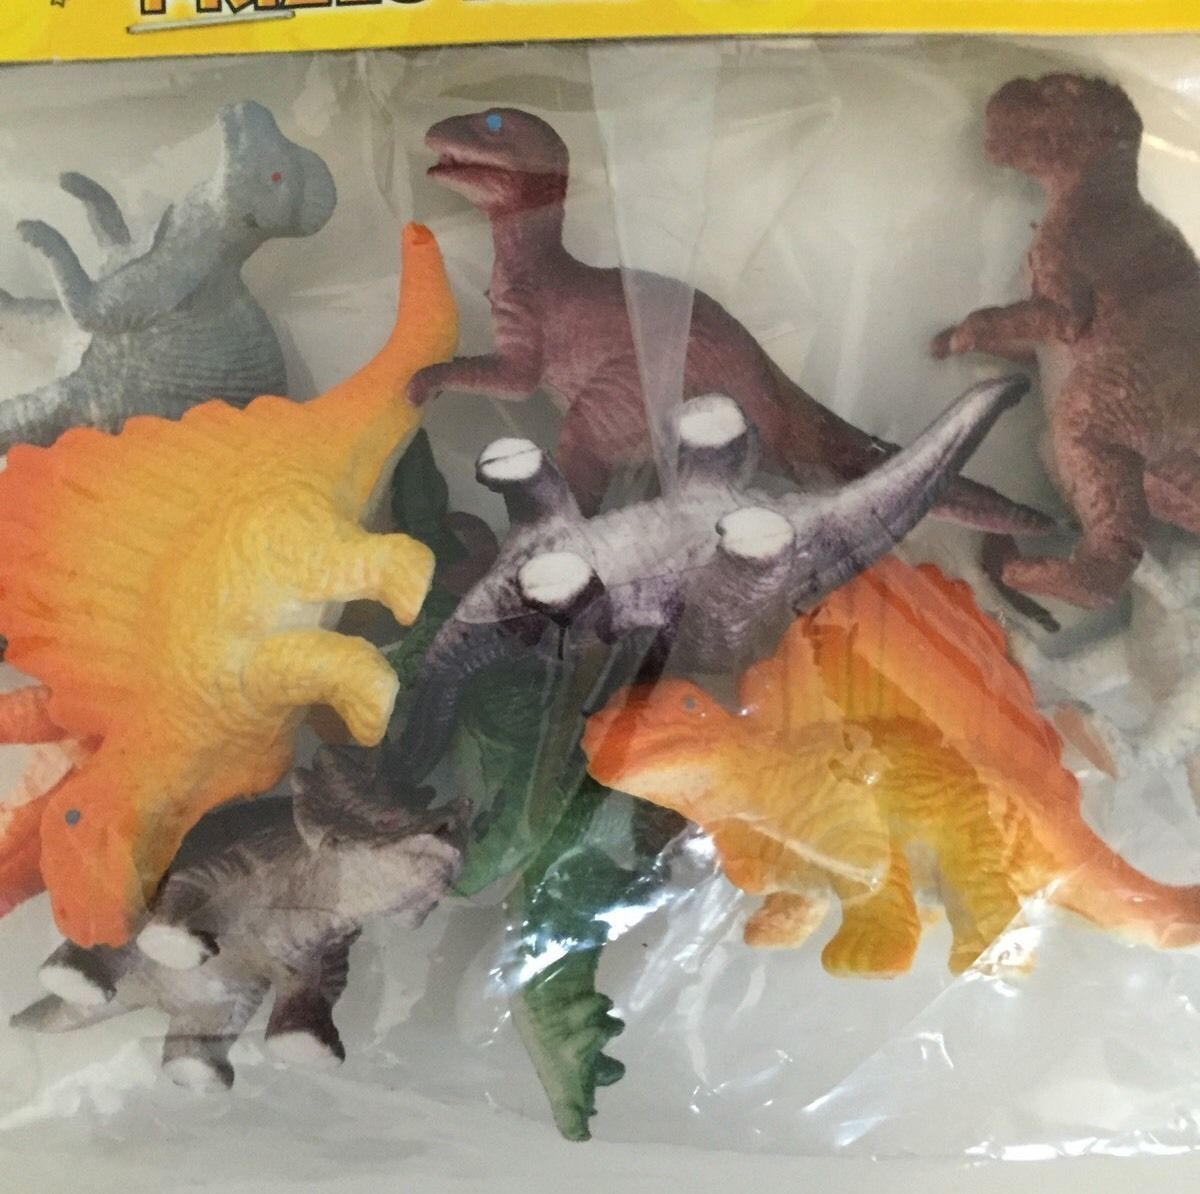 8 PC 4  Dinosauri Giocattolo  modellolino azione cifra Animali giocattoli  prendi l'ultimo